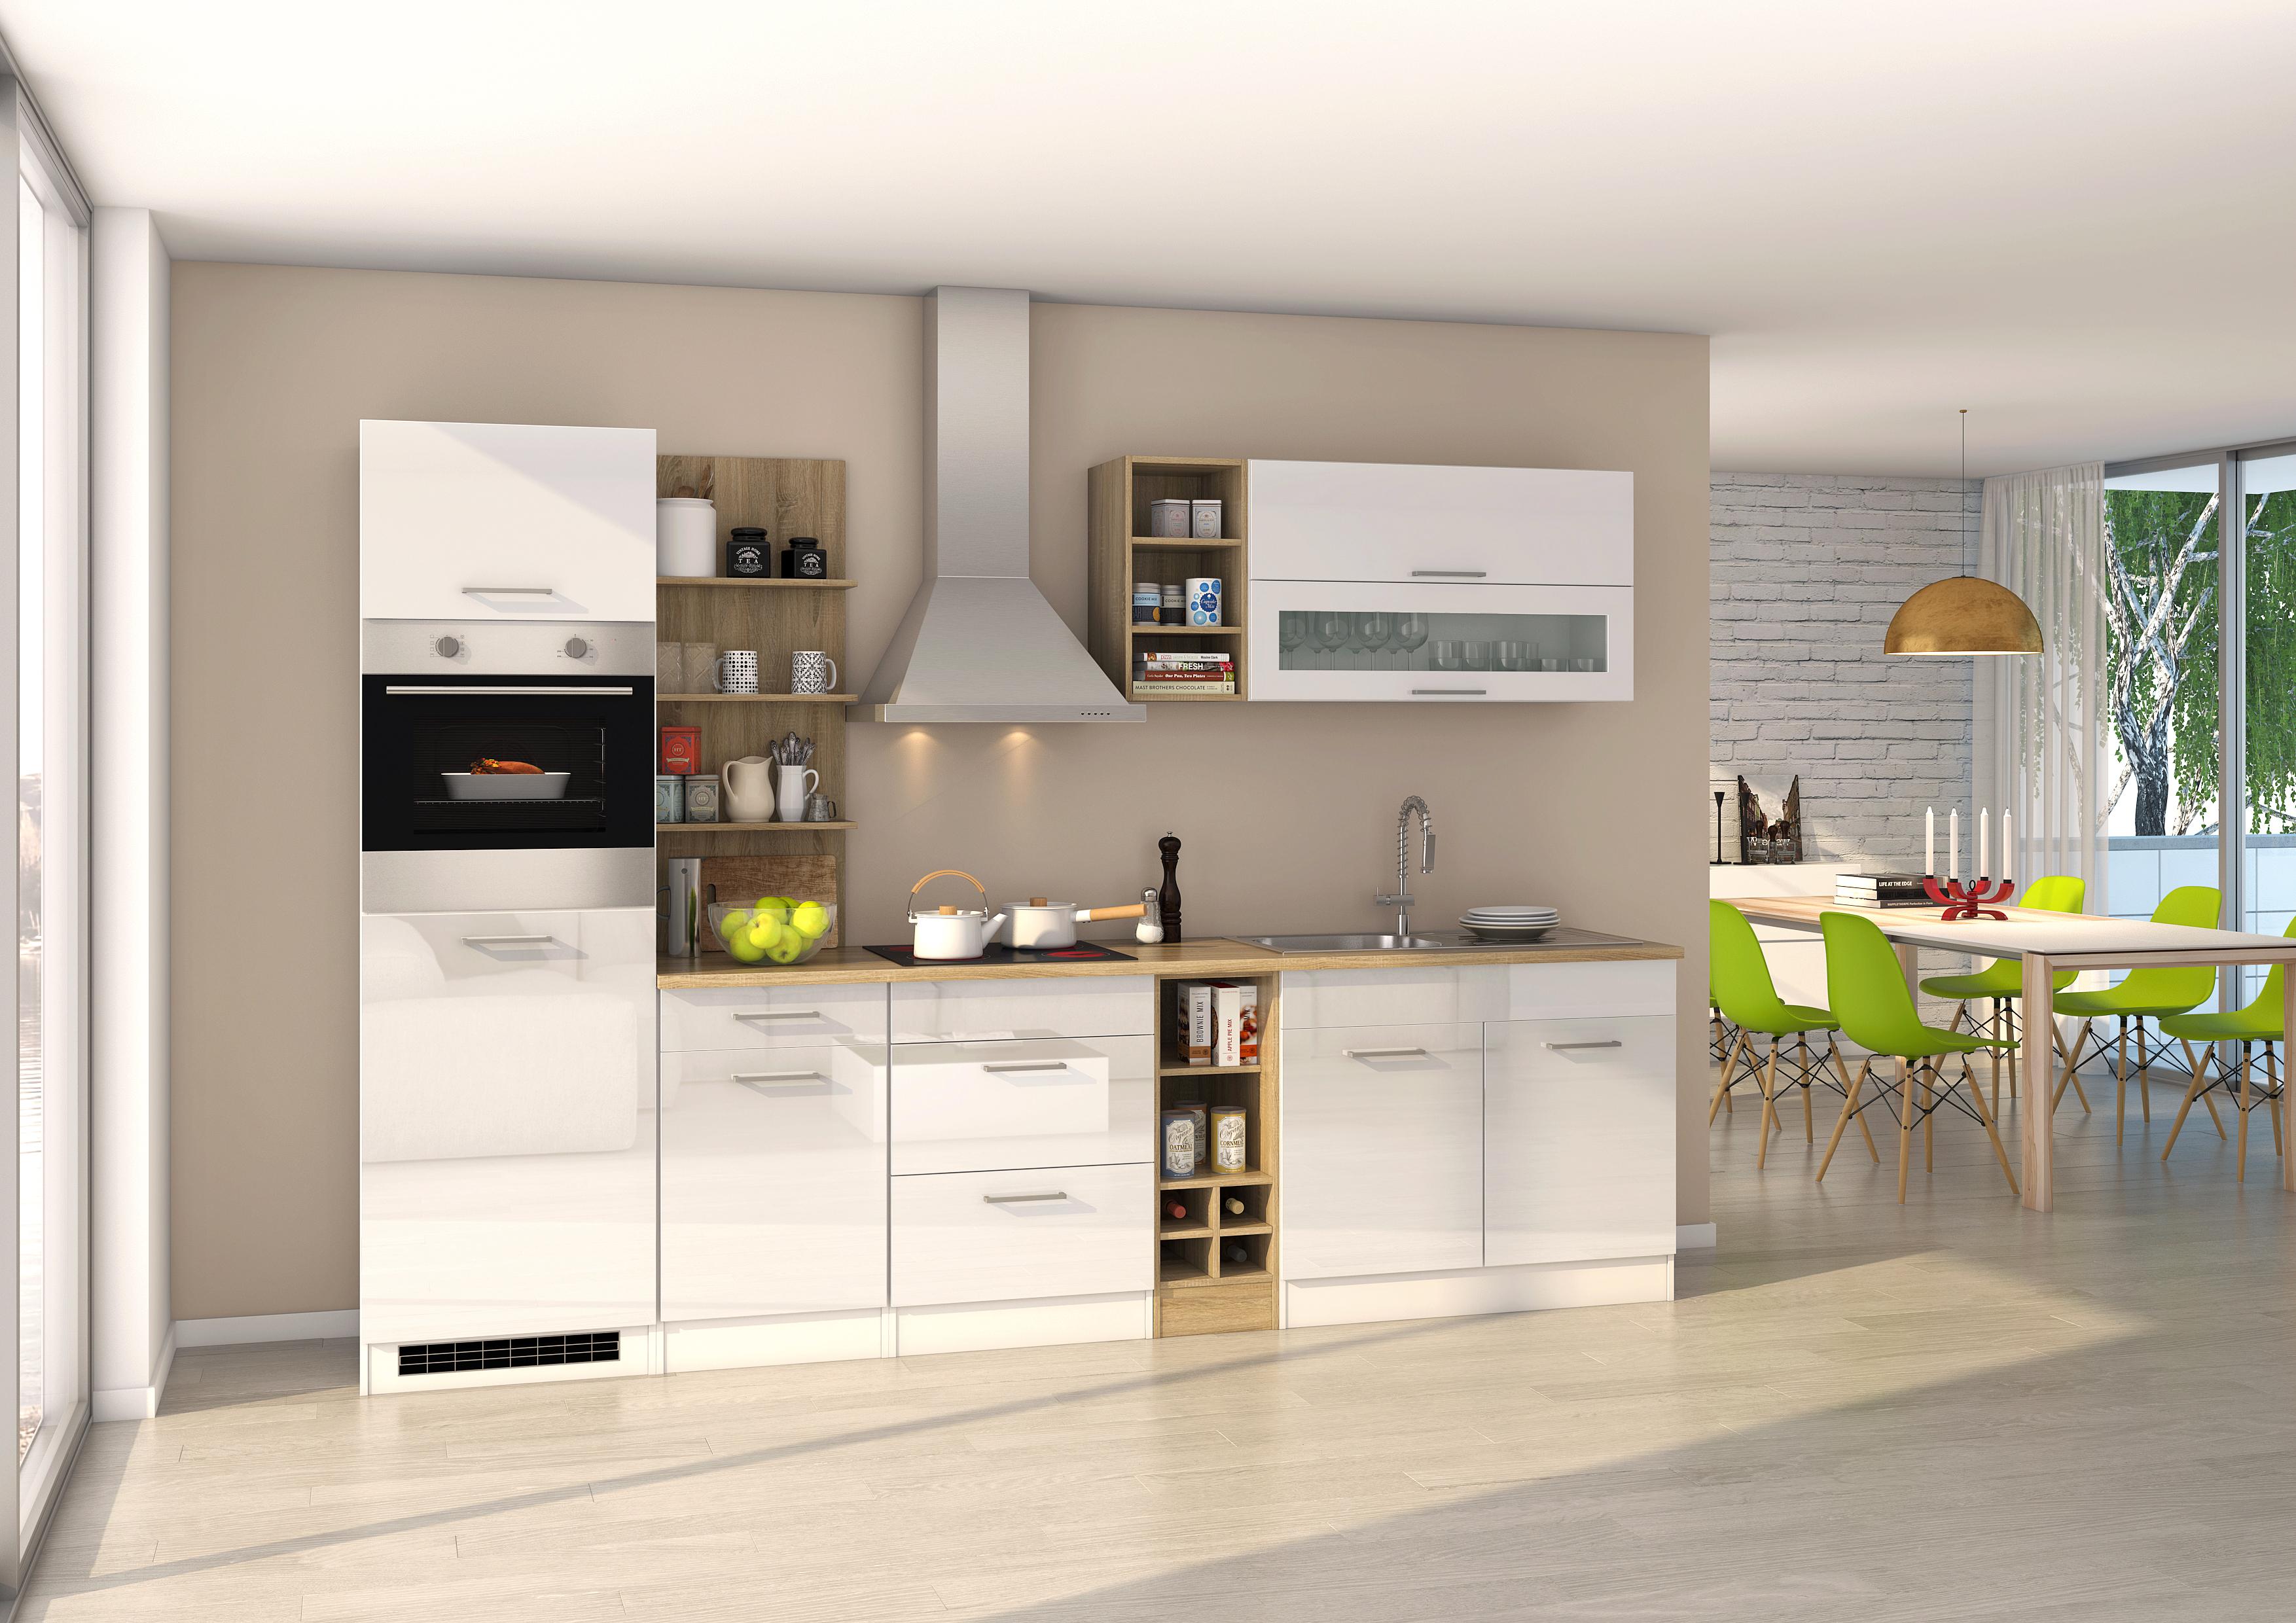 Küchenblock 300 inkl E-Geräte von PKM Kaminhaube autark (4 tlg) MAILAND von  Held Möbel Weiss / Eiche Sonoma